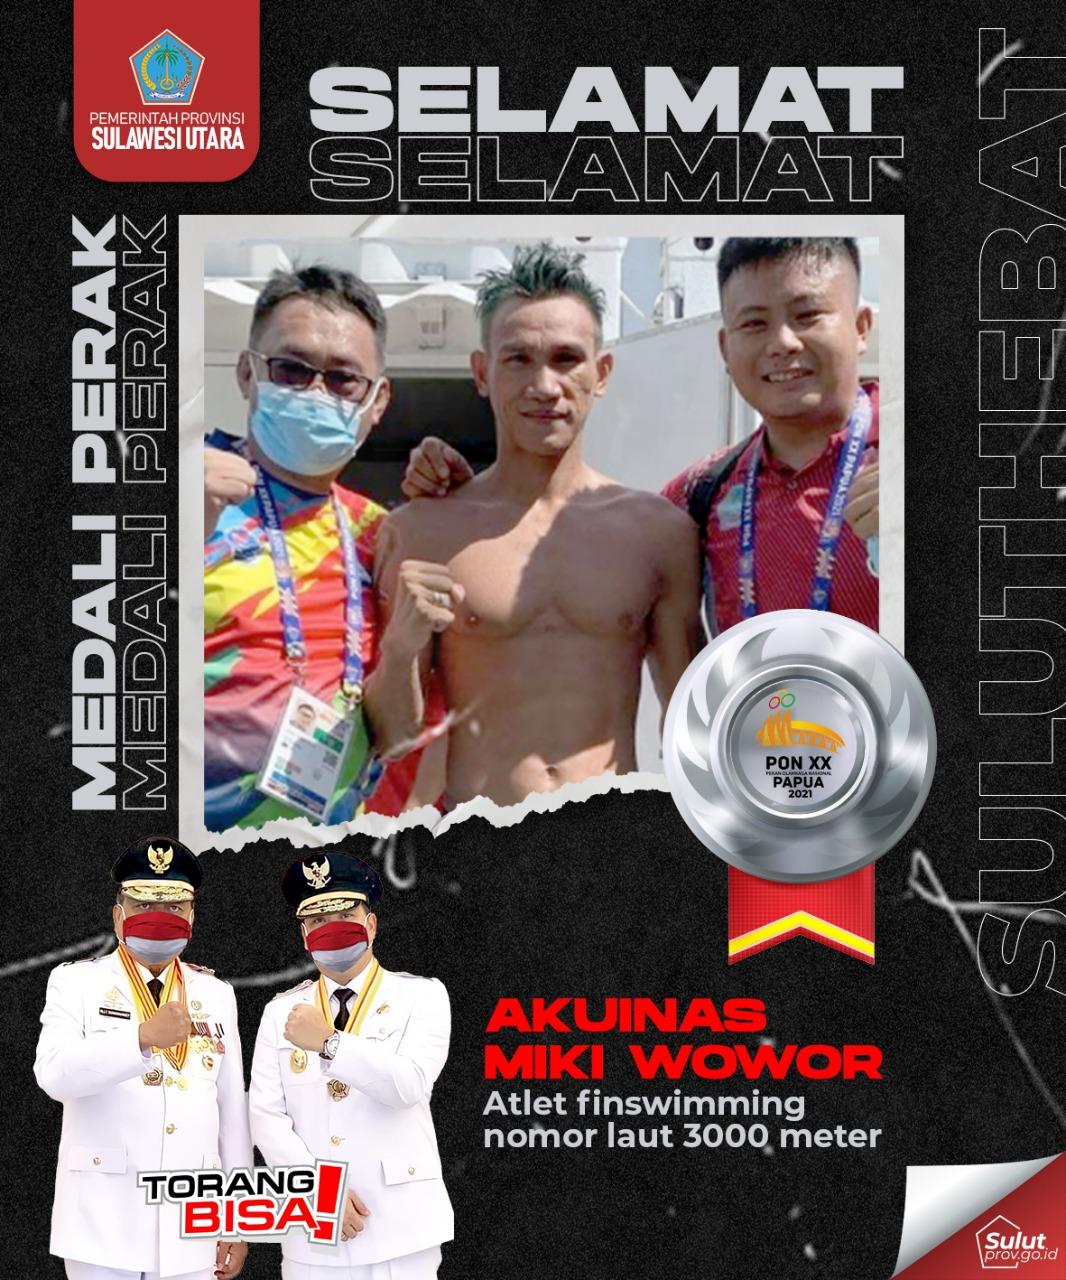 Selamat Kepada Akuinas Miki Wowor untuk Perolehan Medali Perak POM XX PAPUA 2021